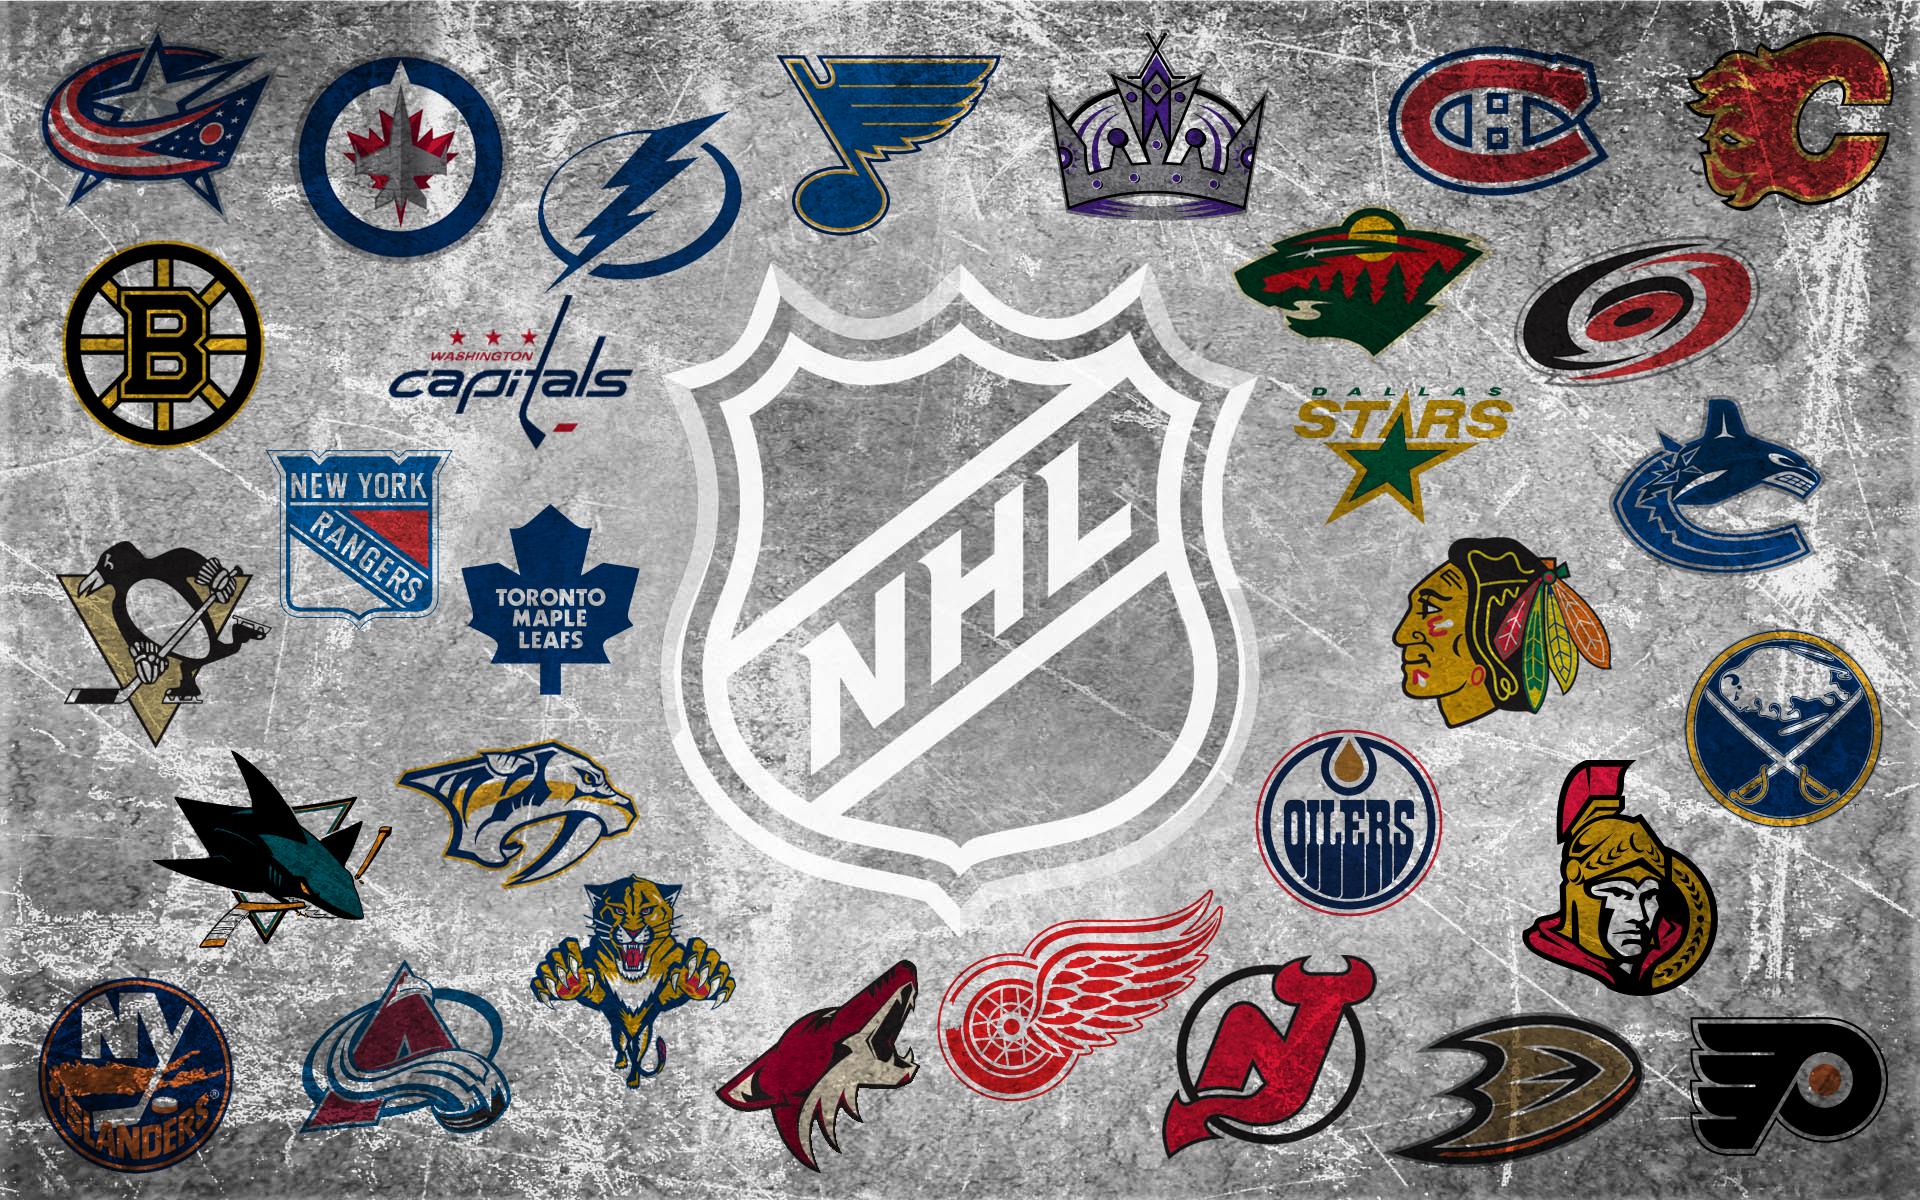 Eurosport заключил эксклюзивное соглашение на показ трех сезонов НХЛ в России